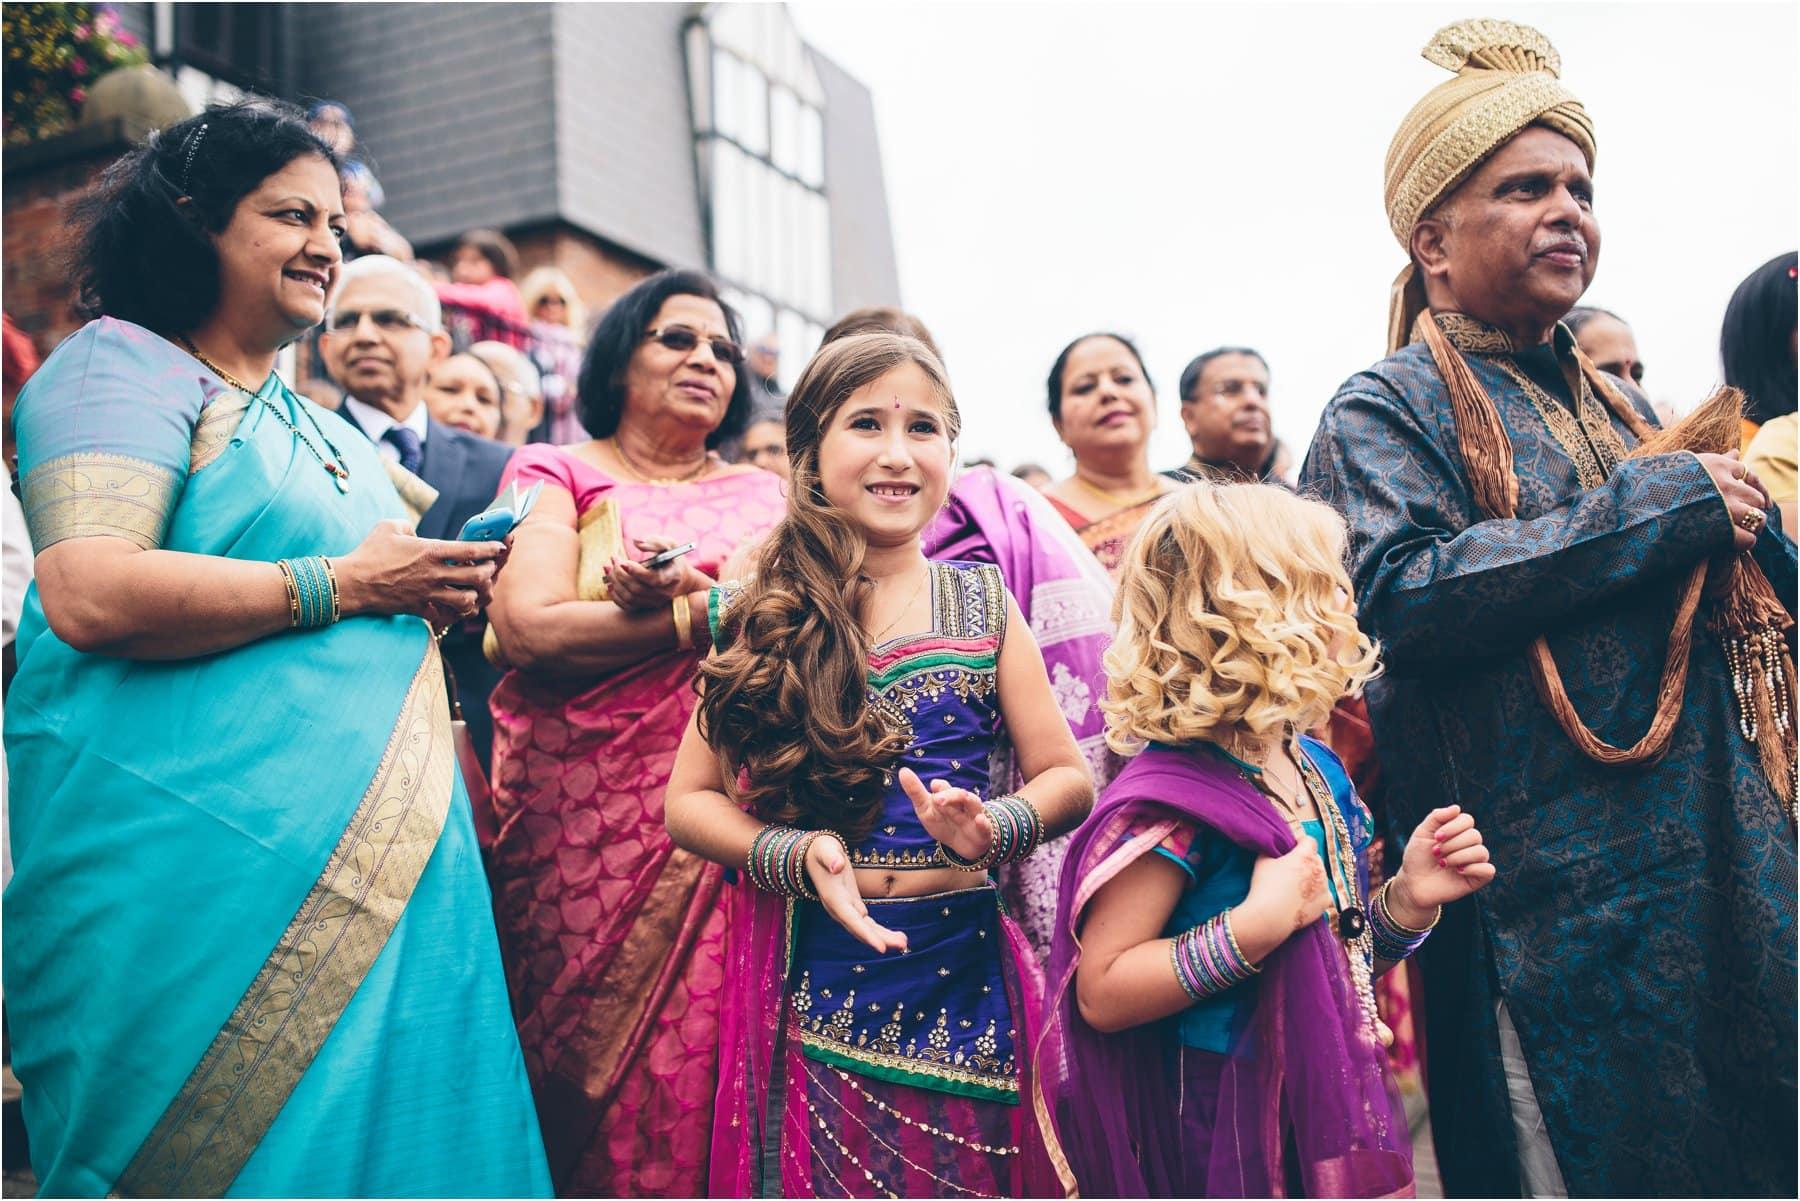 Lancashire_Indian_Wedding_Photography_0050